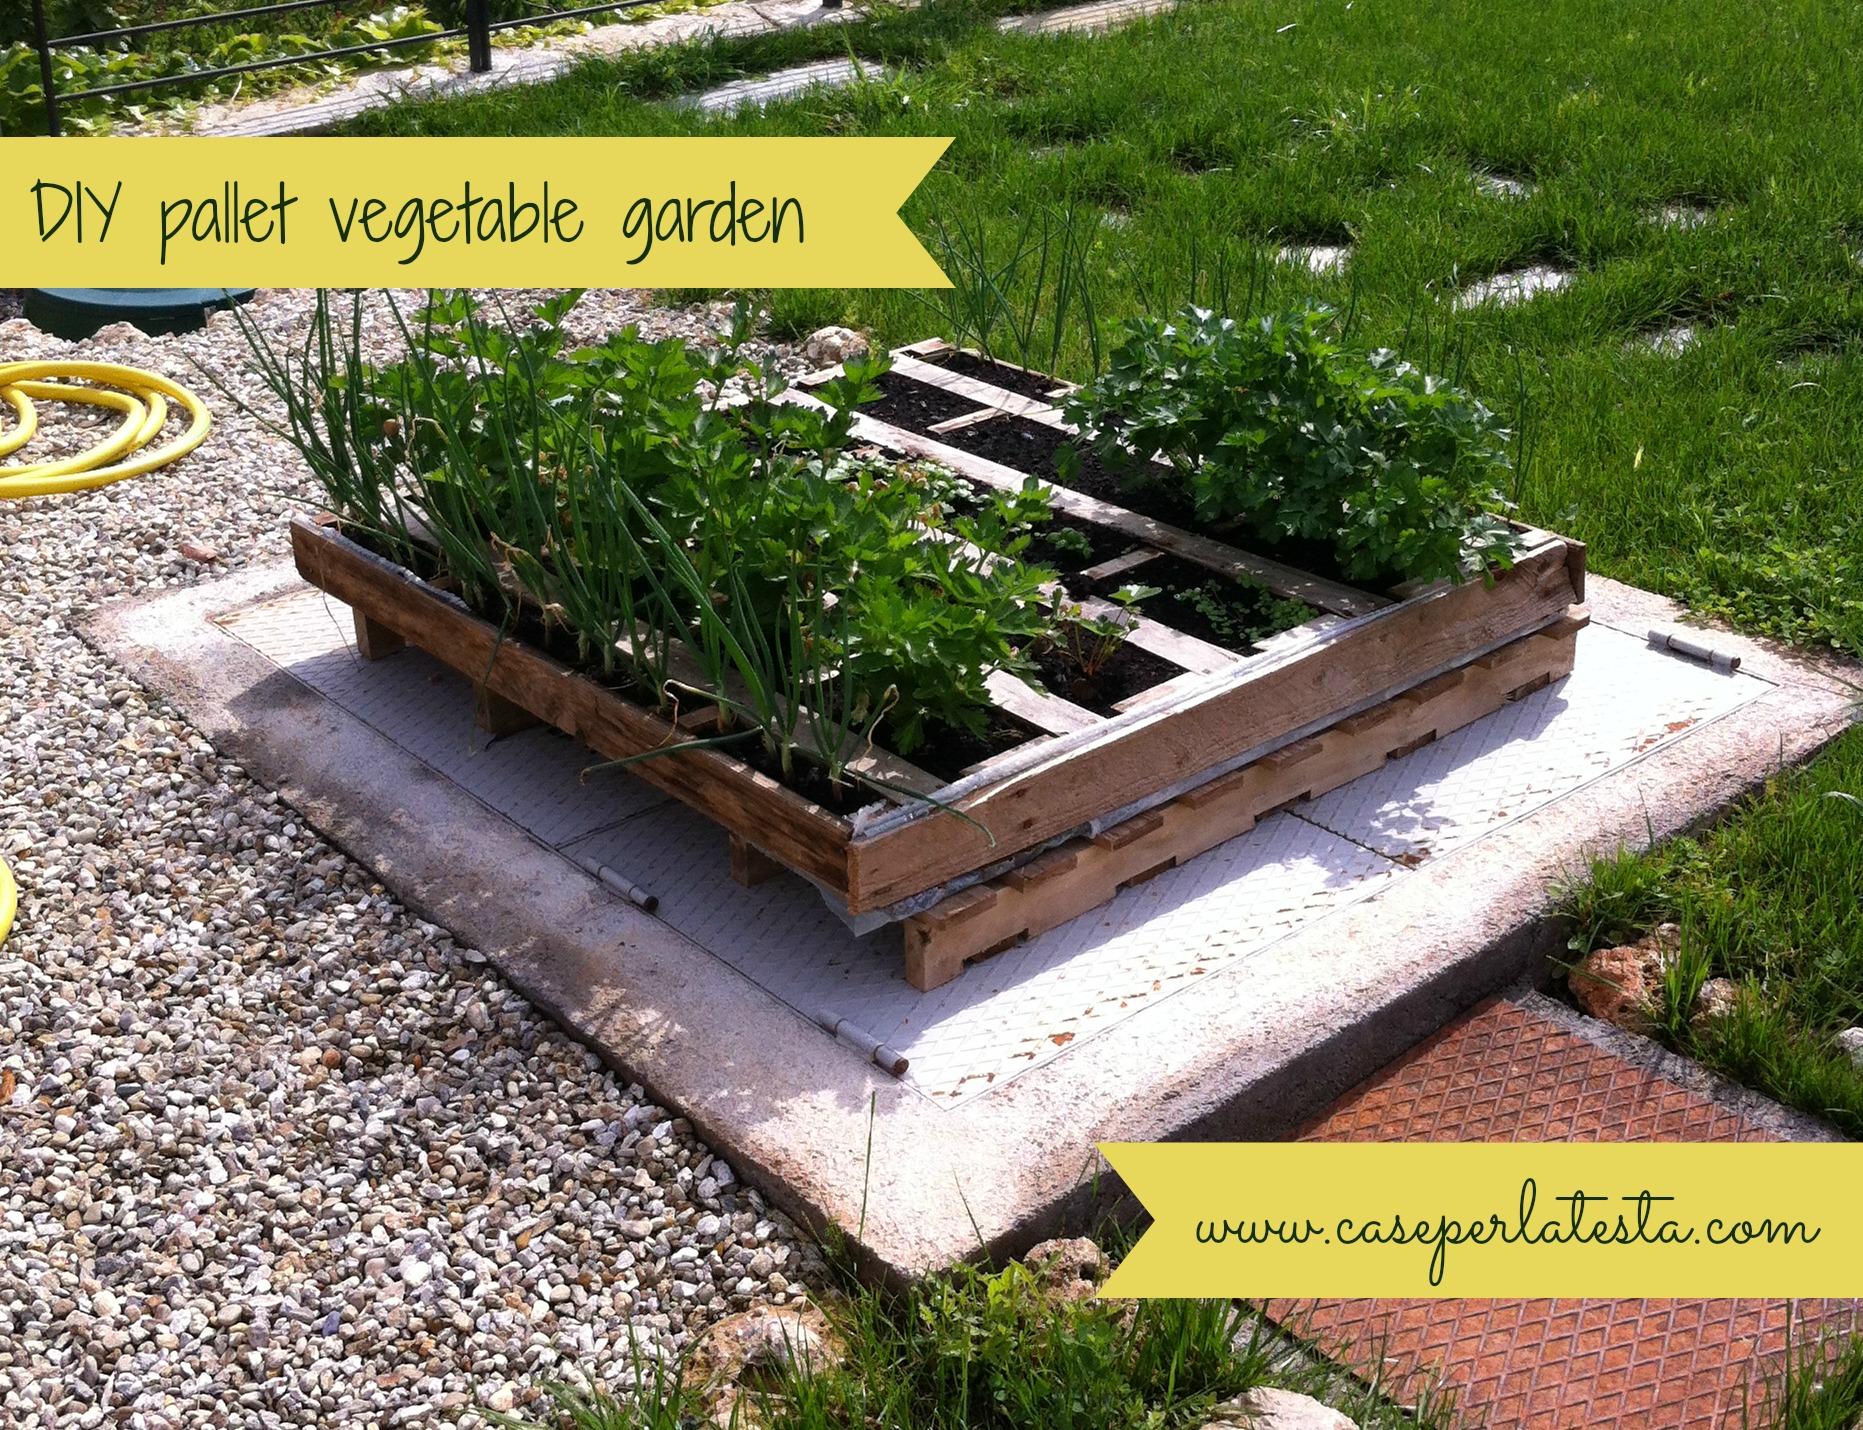 Orto fai da te con pallet diy pallet vegetable garden for Pallet fai da te